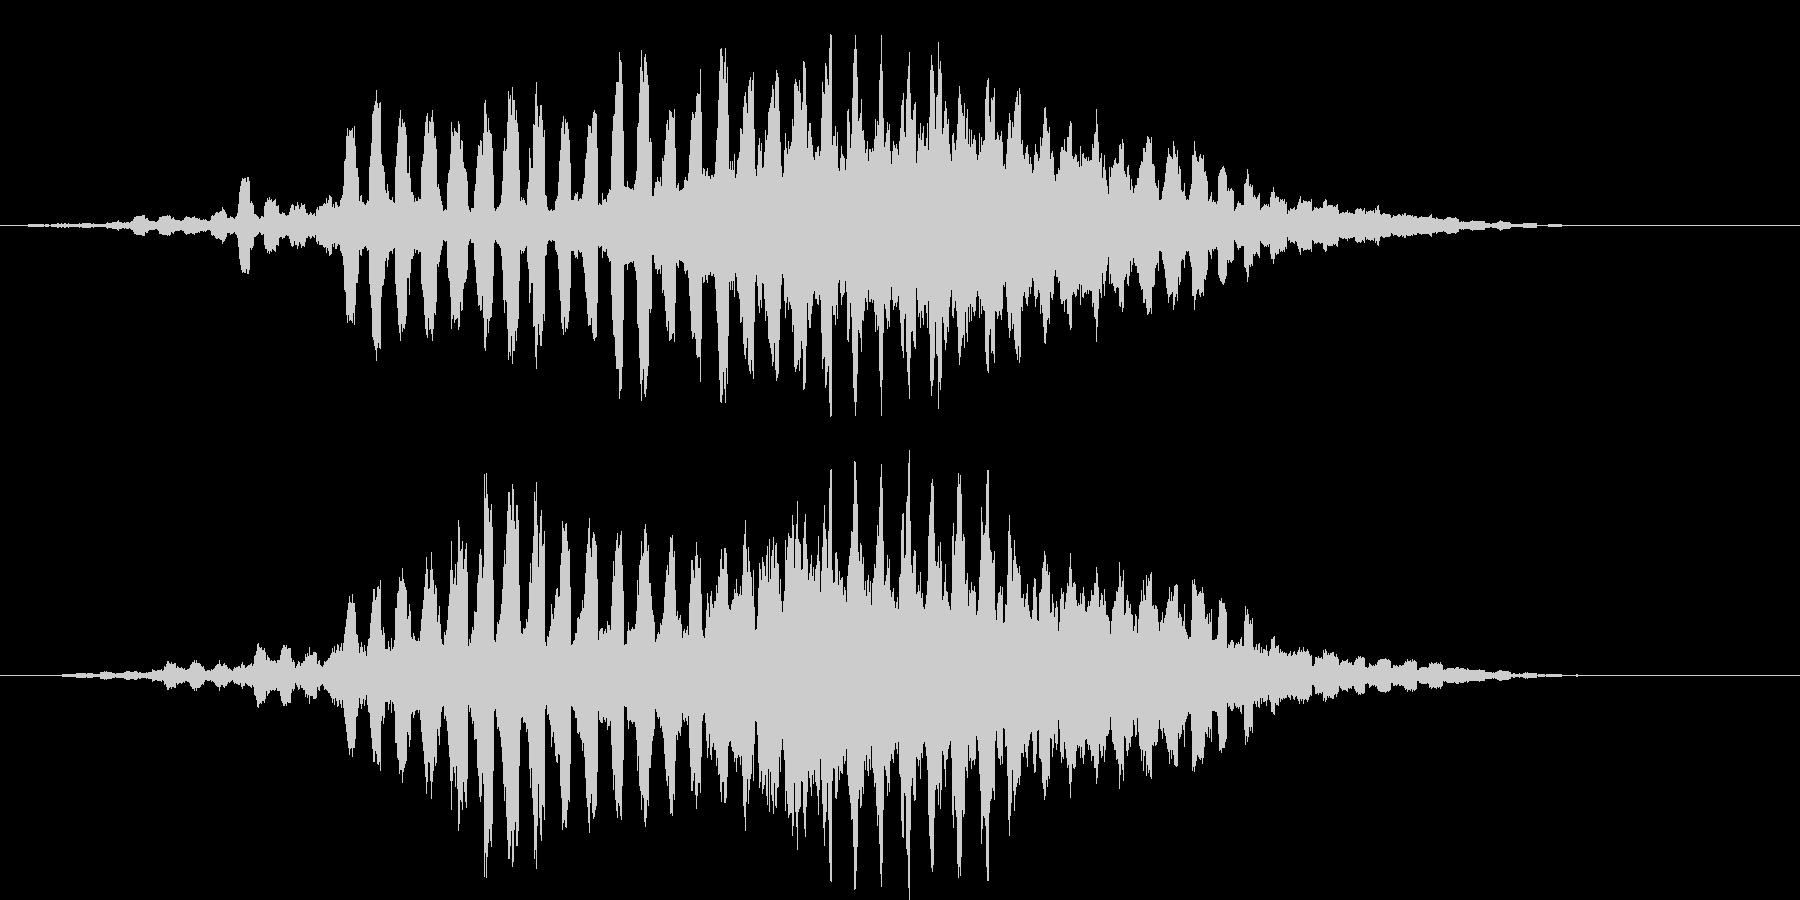 コズミック・キラキラ音の未再生の波形